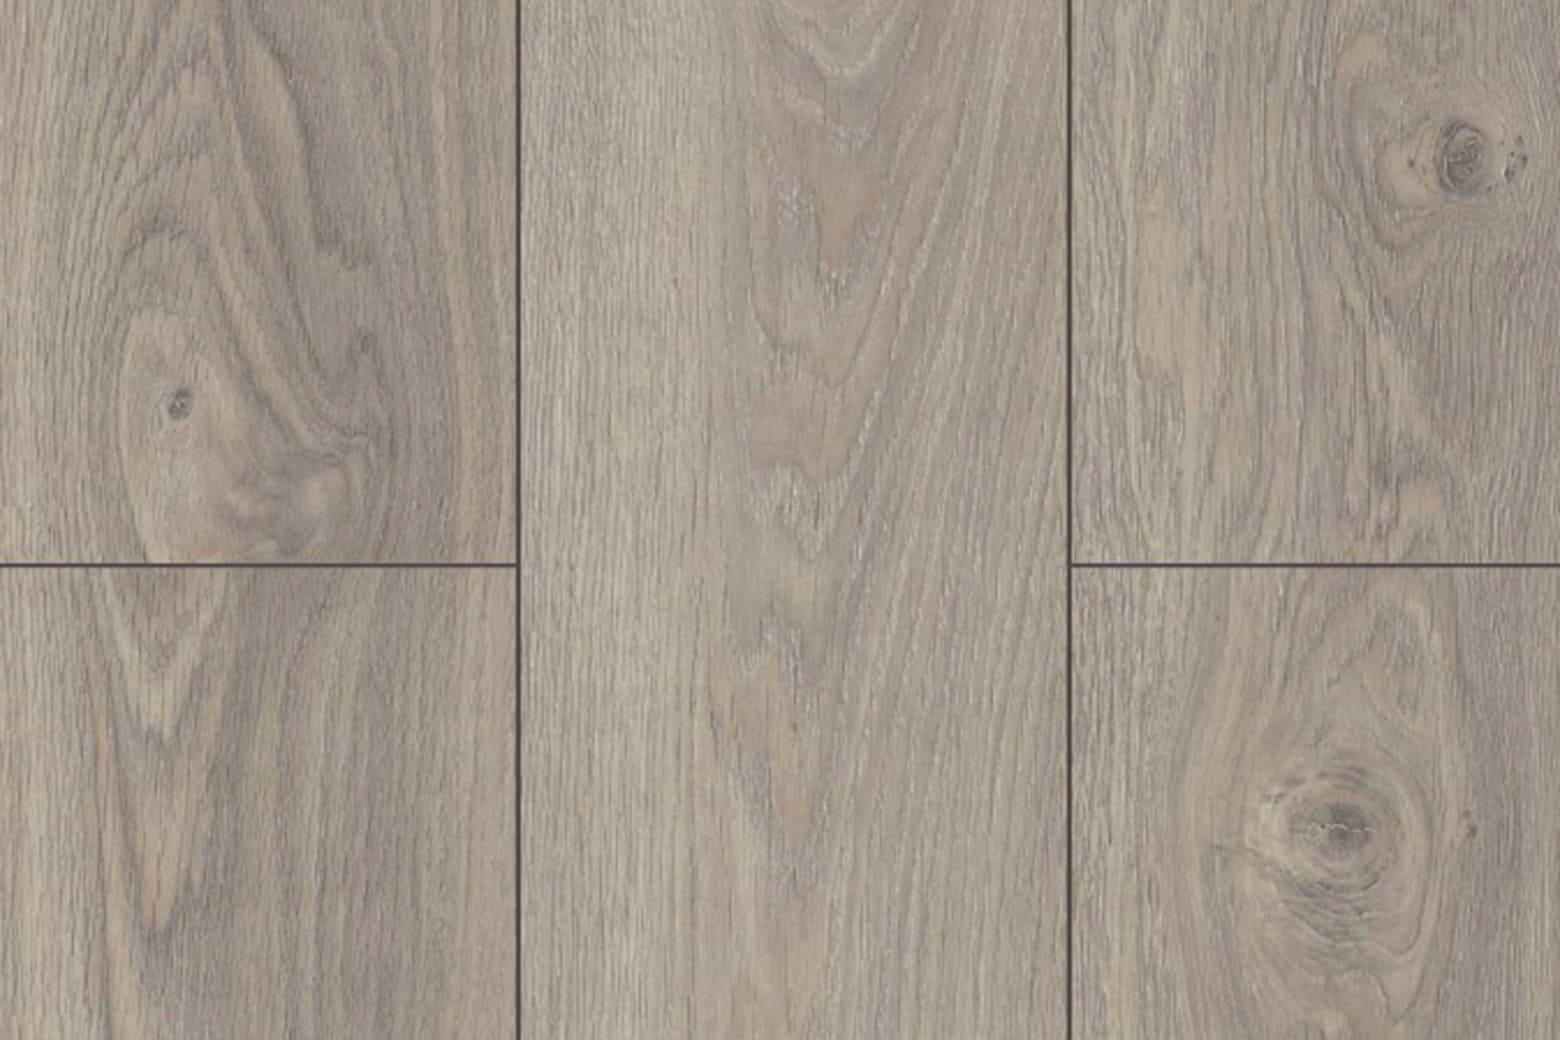 Tokyo Brown Oak Laminate Flooring 8mm By 197mm By 1205mm